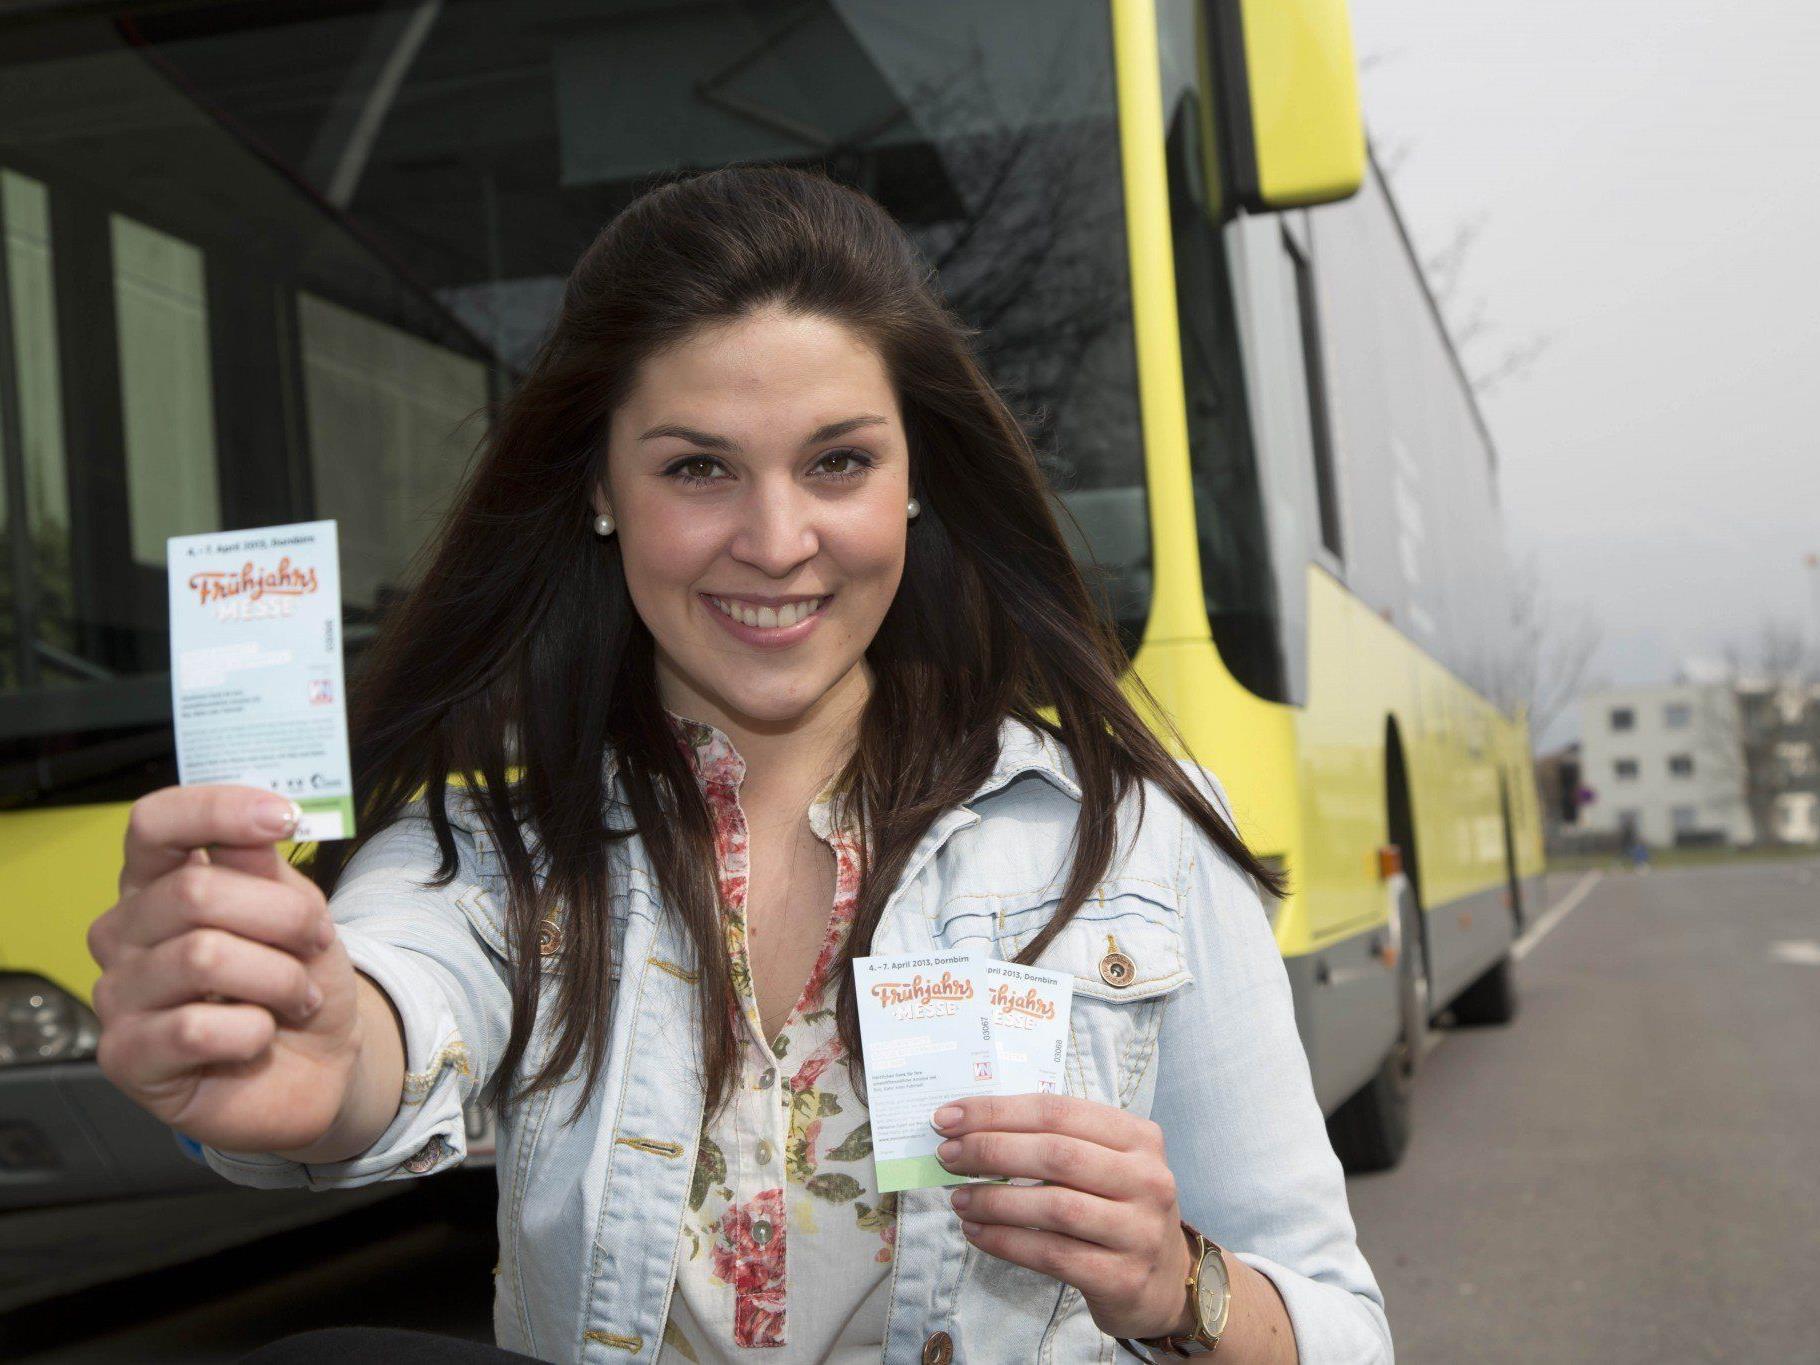 Öffentliche Verkehrsmittel können mit Eintrittskarte gratis genutzt werden.